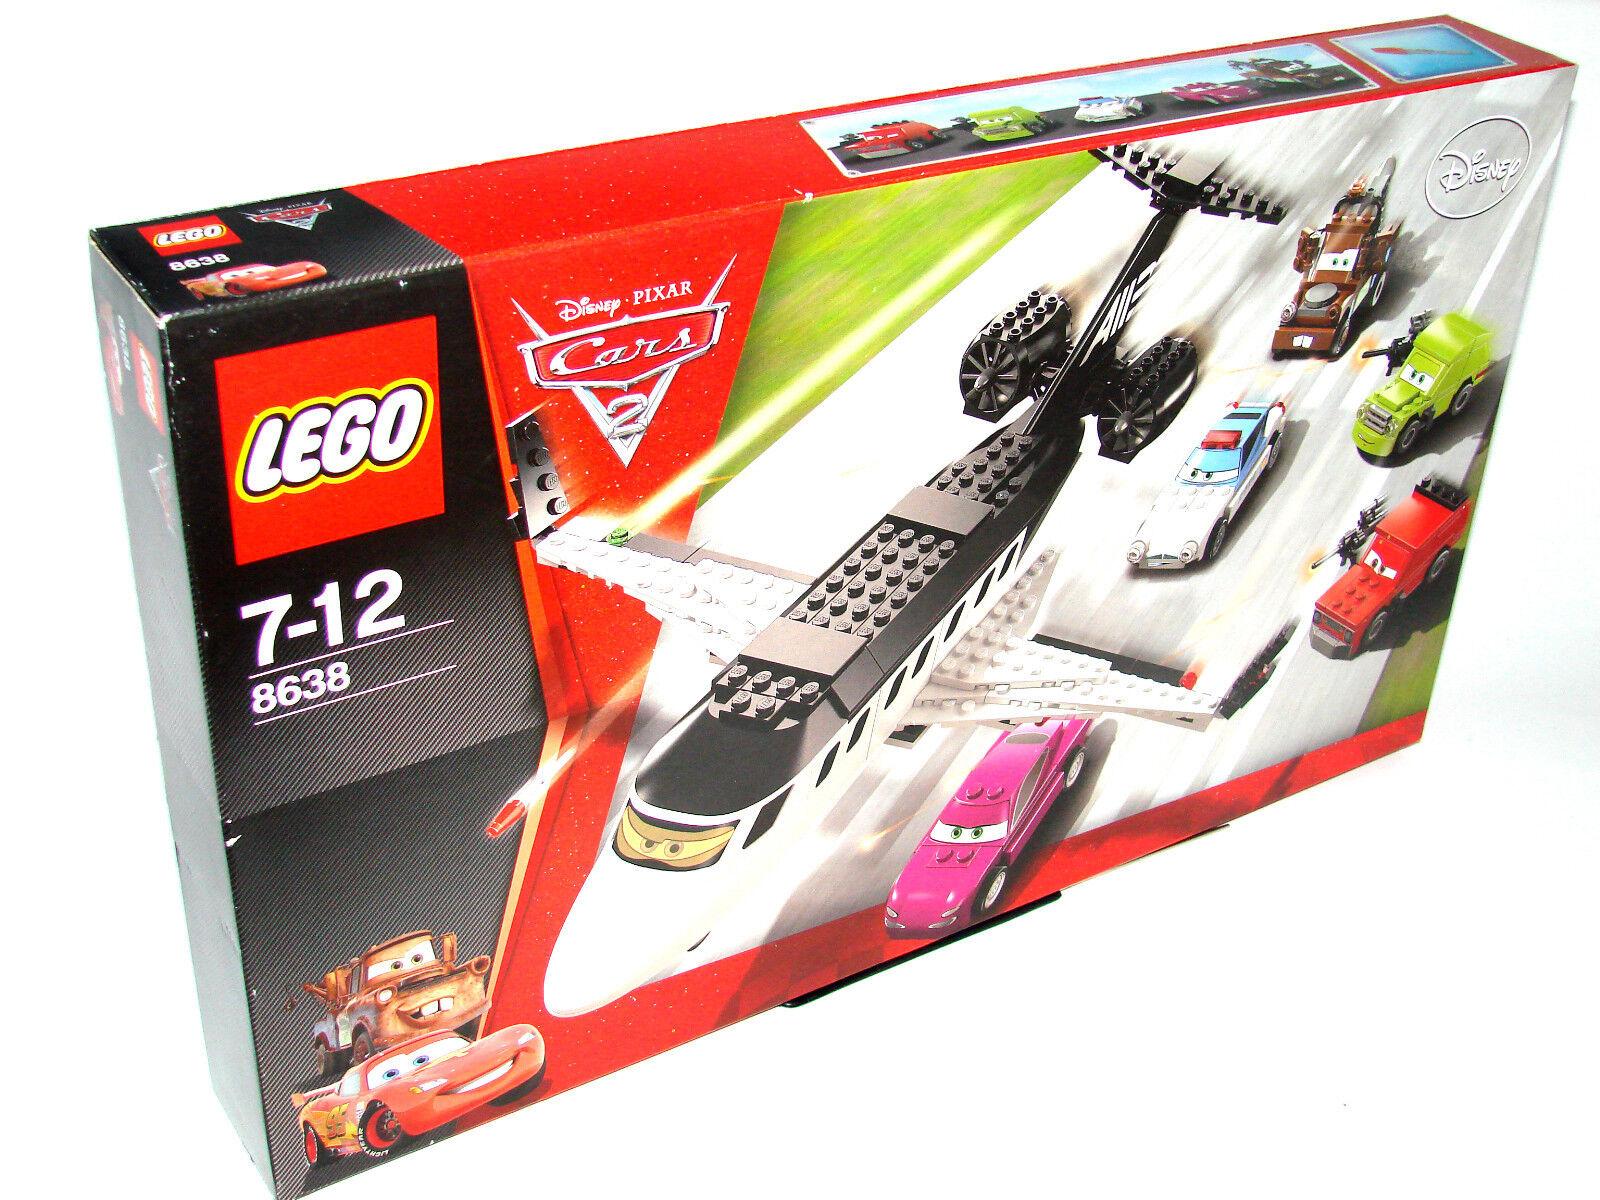 LEGO ® CARS 8638 Course à L'AGENT-Jet Nouveau neuf dans sa boîte Spy Jet ESCAPE NEW En parfait état, dans sa boîte scellée Boîte d'origine jamais ouverte